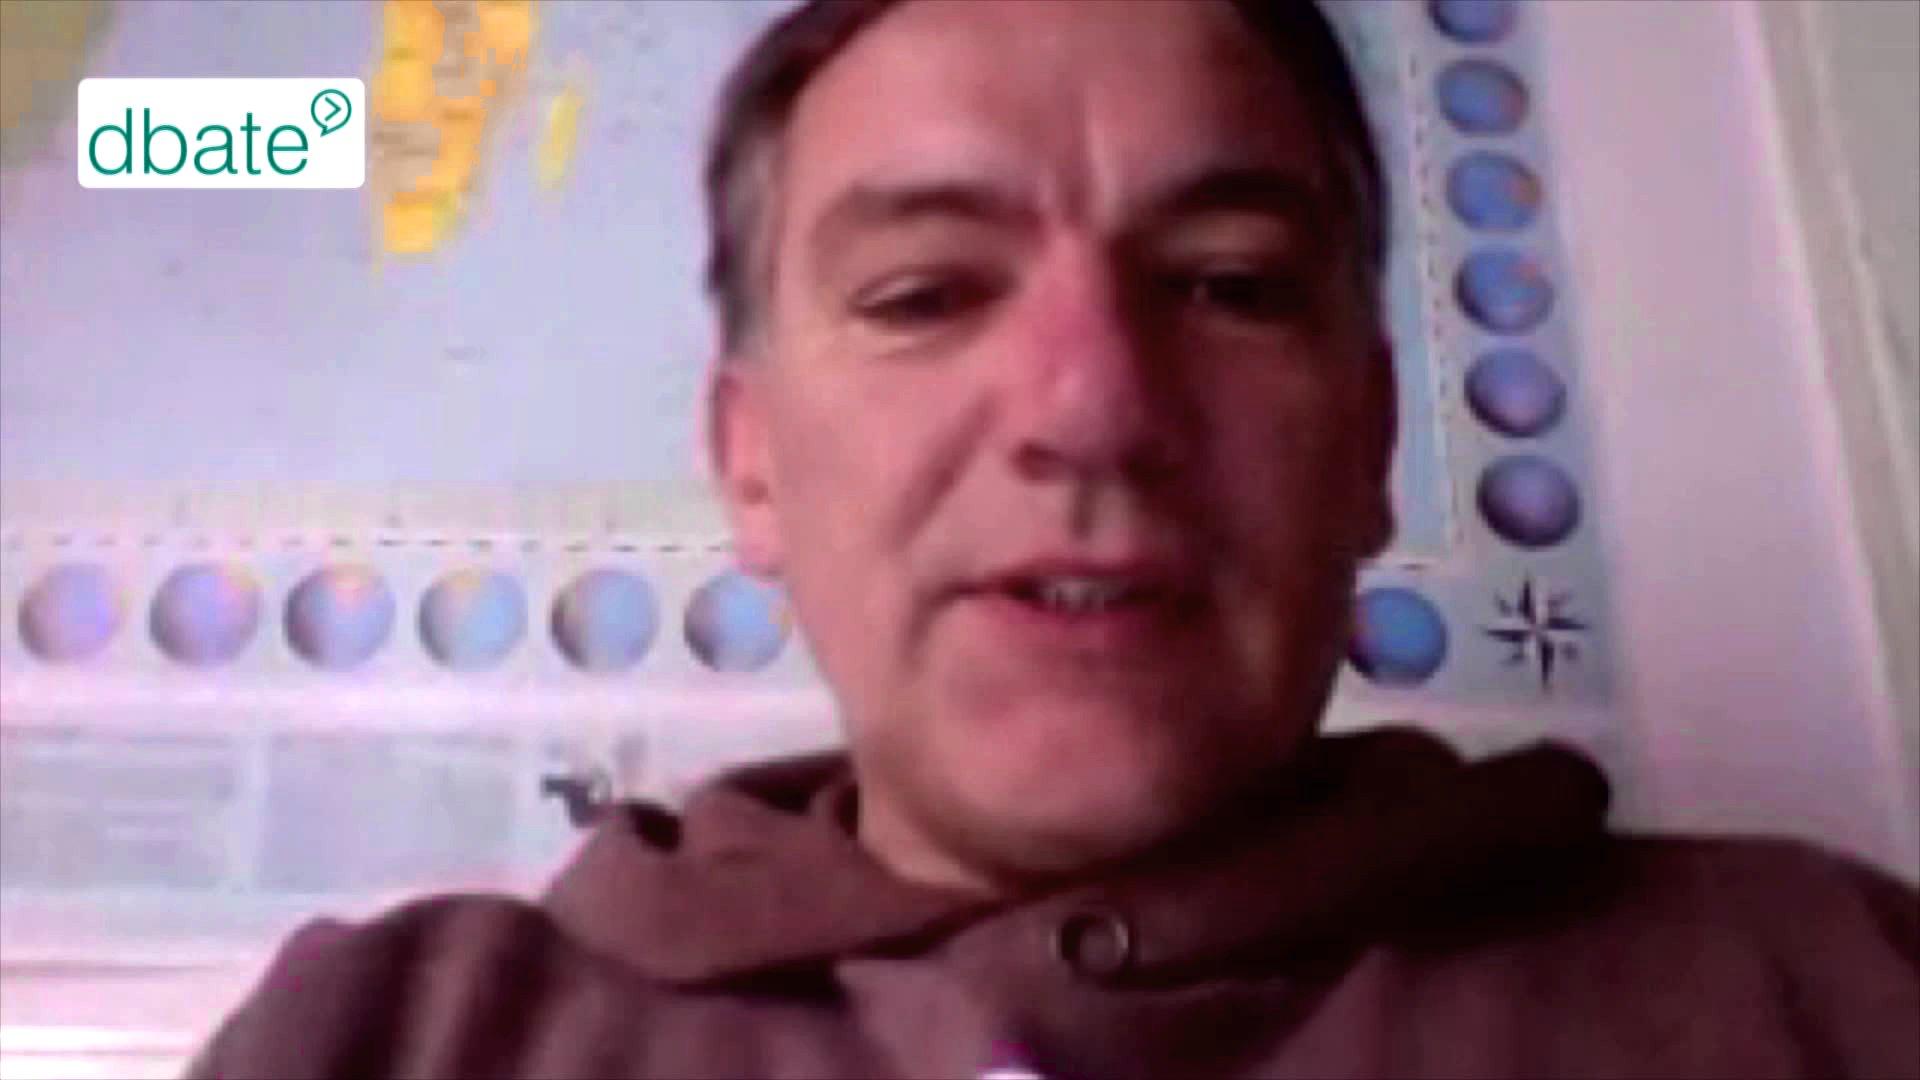 Jan van Aken (DIE LINKE) spricht im dbate-Skypeinterview über Rüstungsexporte nach Saudi-Arabien.